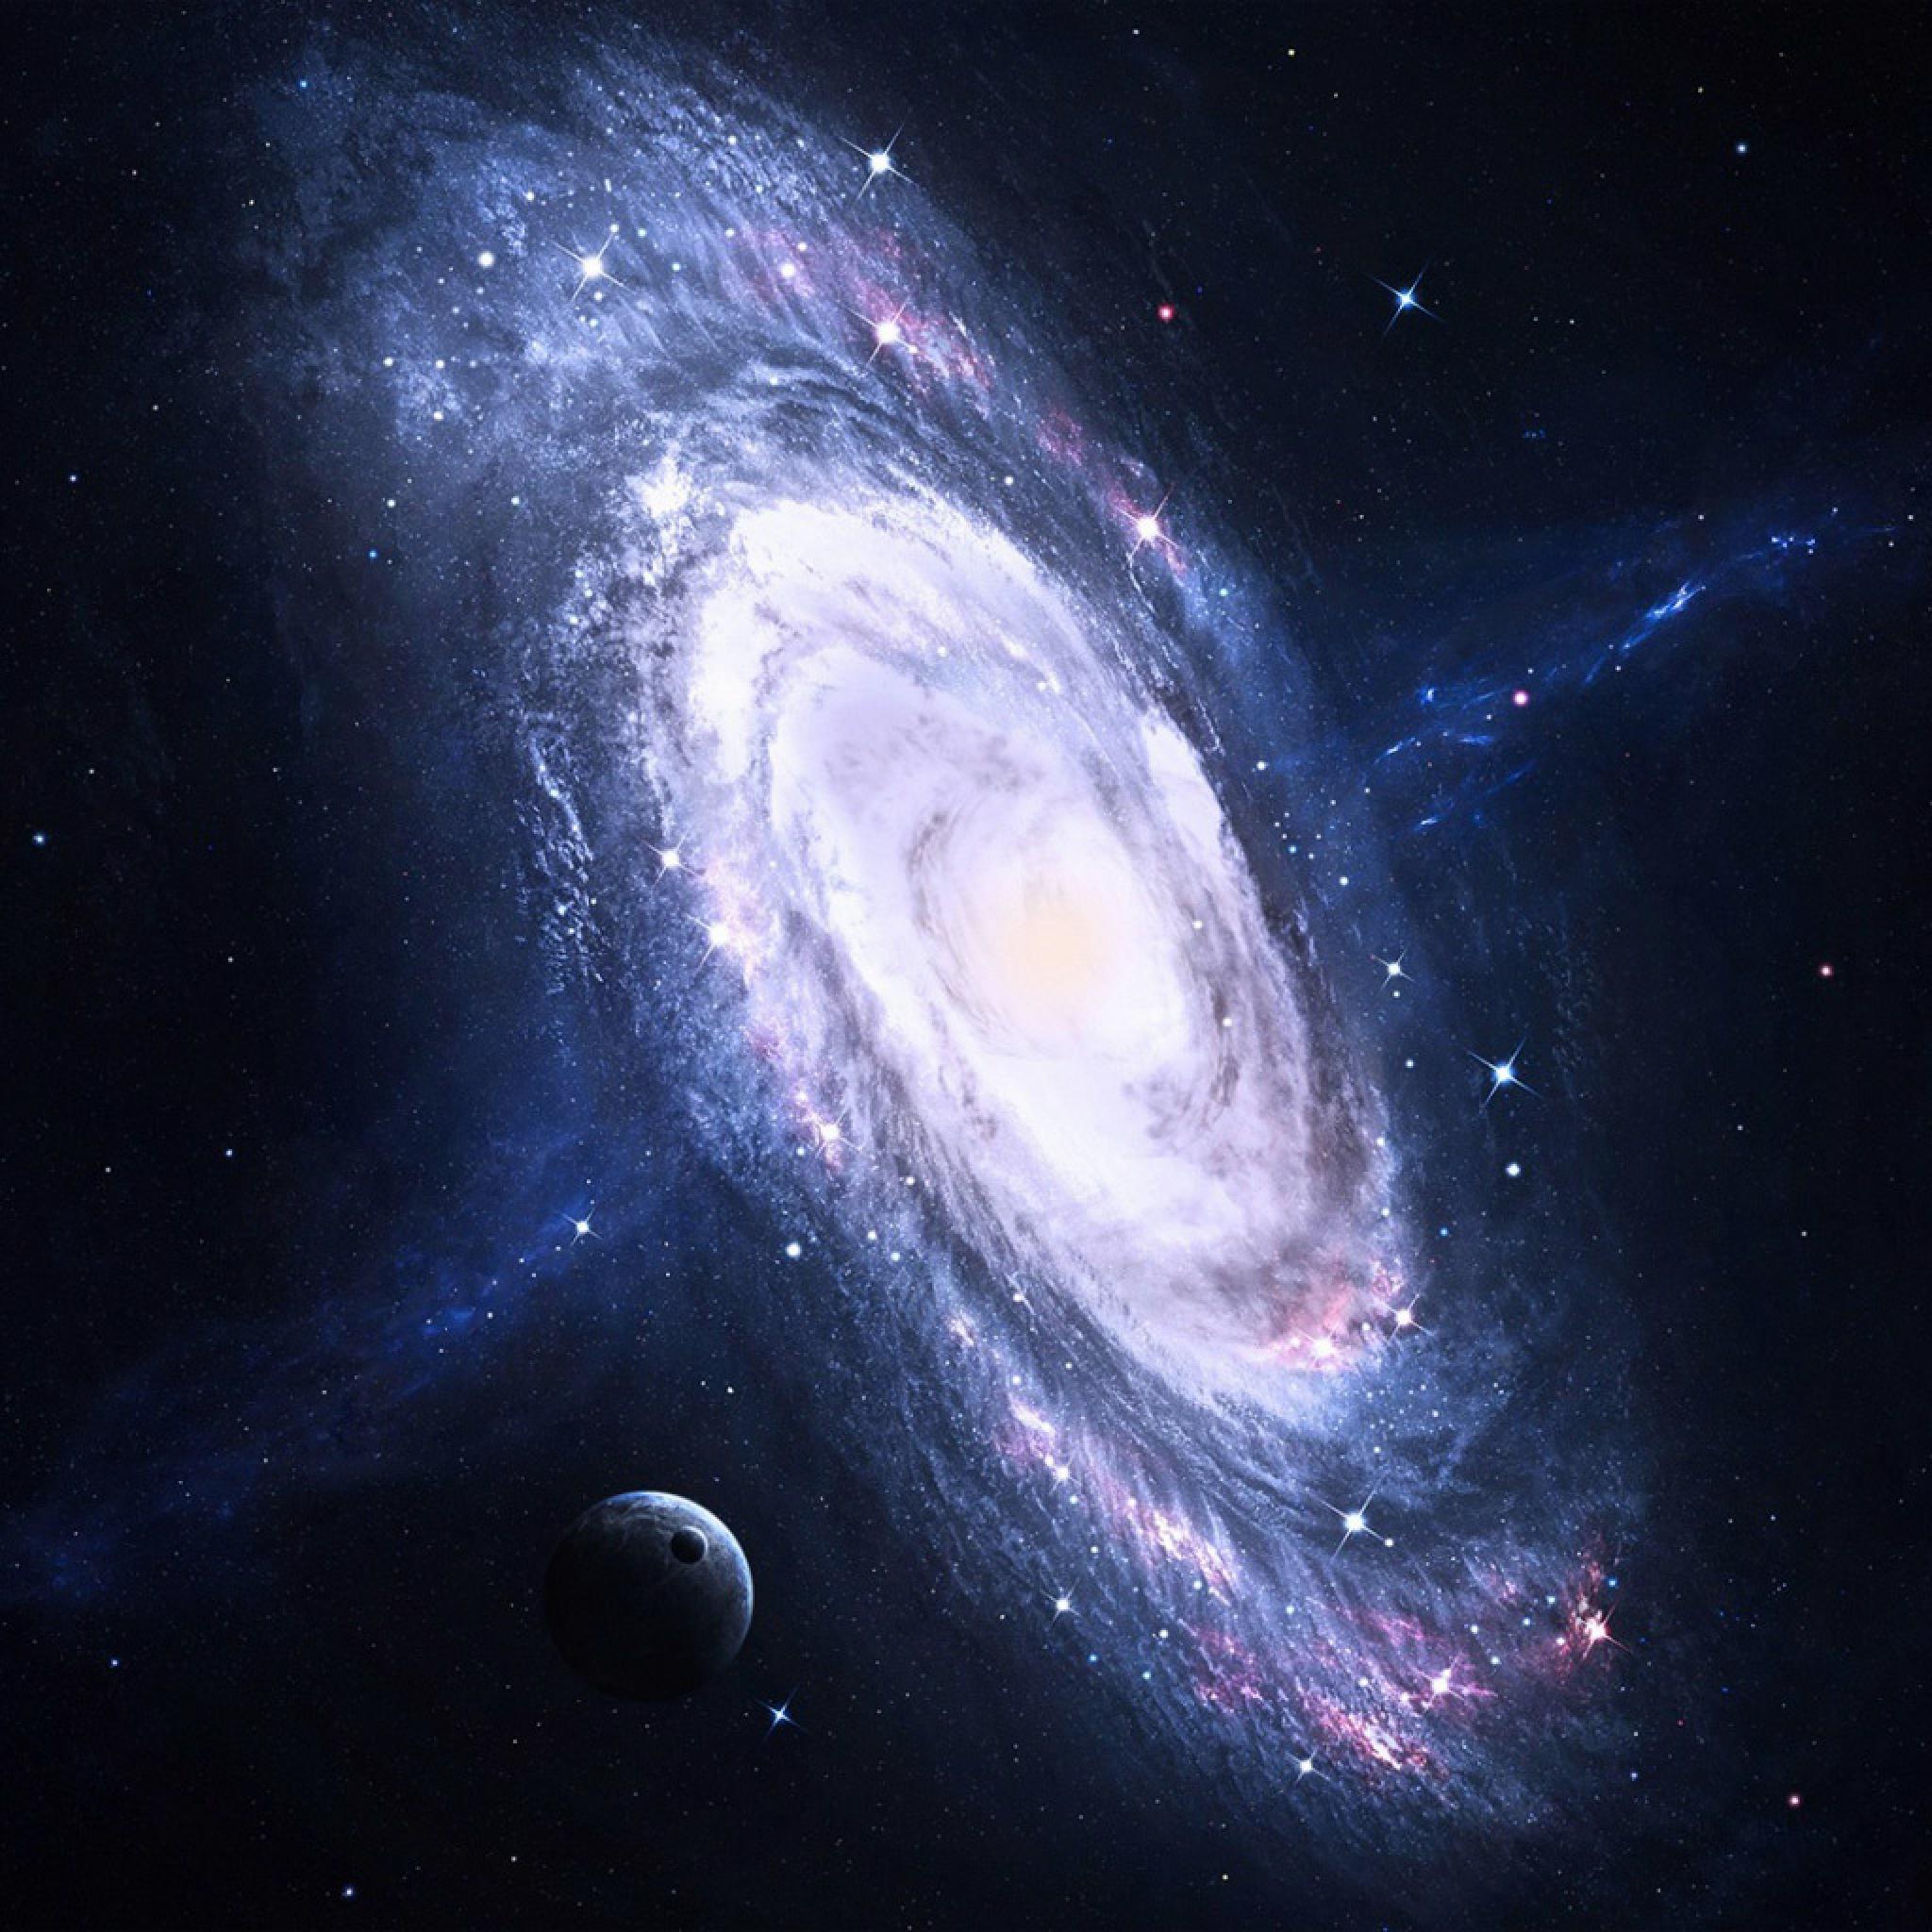 Galaxy Wallpapers: Andromeda Galaxy Wallpaper HD